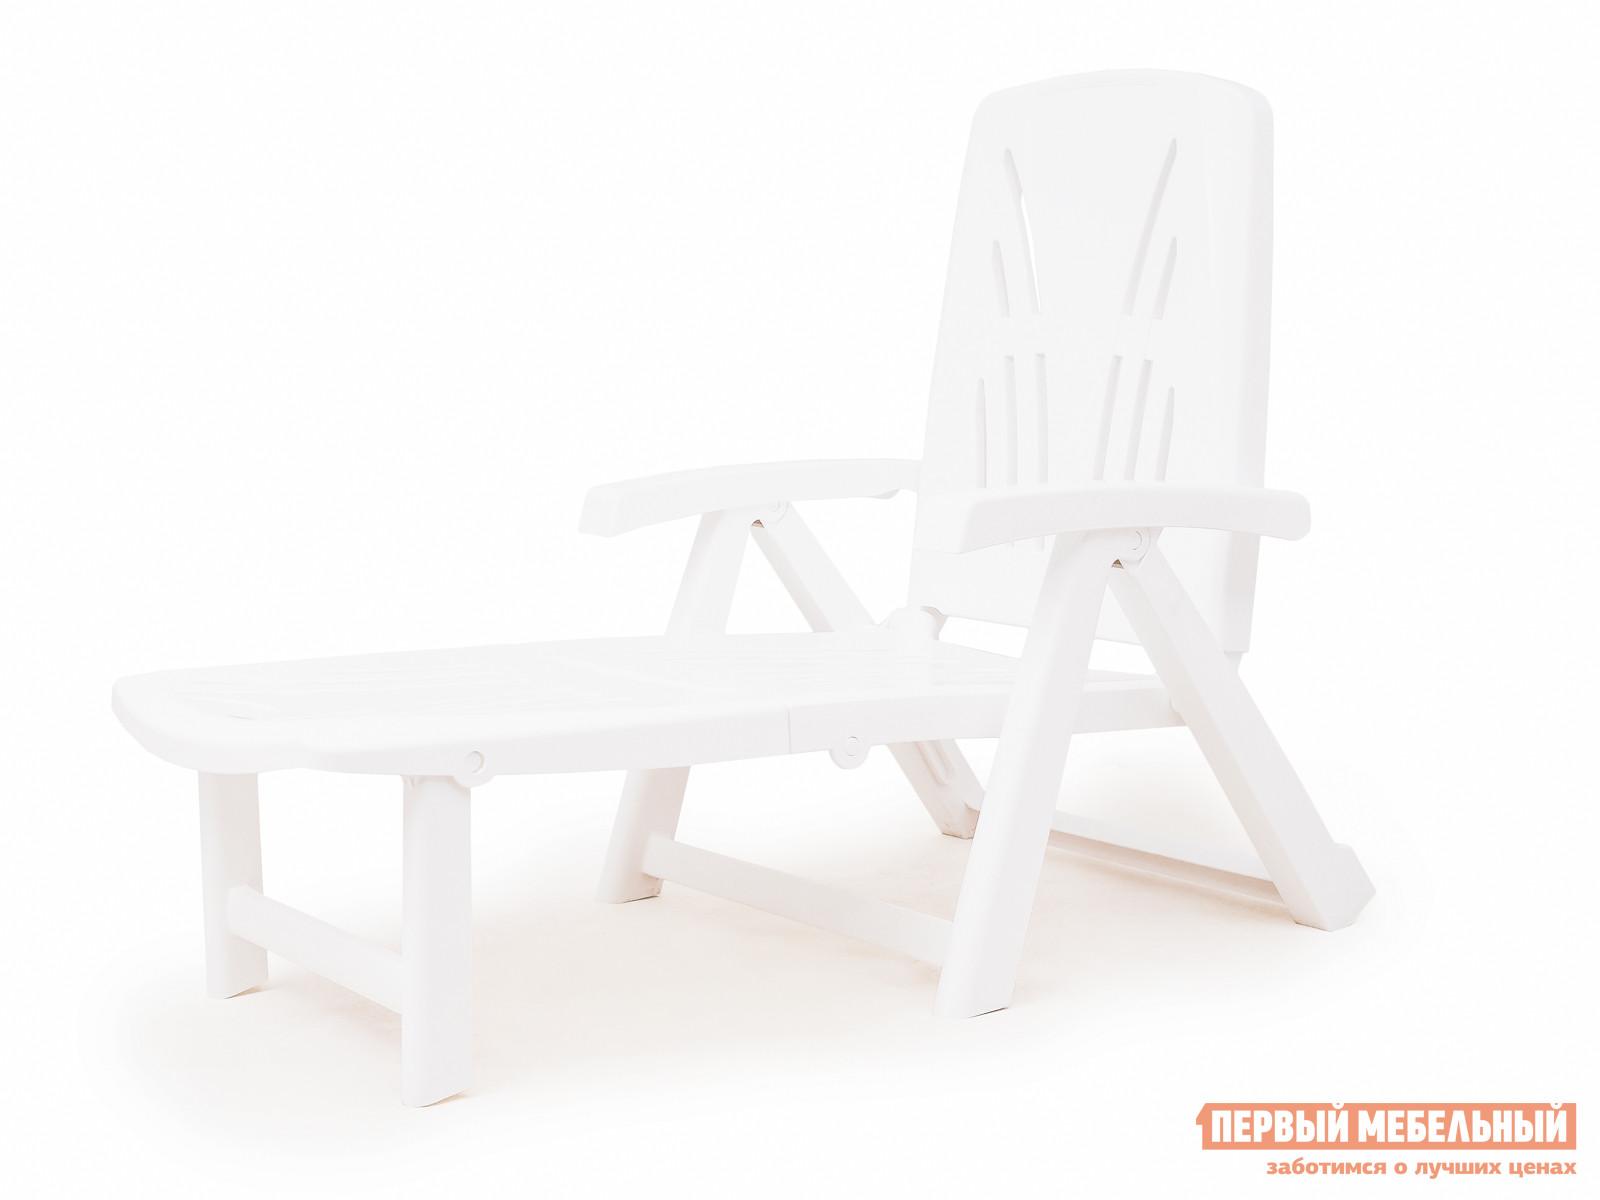 Шезлонг Отдых с комфортом Шезлонг-лежак Lettino КП БелыйЛежаки и шезлонги<br>Габаритные размеры ВхШхГ 339x737x1887 мм. Складной пластиковый шезлонг-лежак одновременно прост и функционален.  Конструкция предусматривает изменение наклона подставки для ног, благодаря чему на шезлонге можно не только сидеть или лежать, но и отдыхать полулежа.  Спинка шезлонга регулируется в зависимости от предпочтений отдыхающего.  Оформление спинки шезлонга обеспечивает отличную вентиляцию.  Изделие оборудовано подлокотниками, их функциональное назначение – сделать пребывание на шезлонге максимально удобным и приятным.  Модель очень легко и быстро складывается.  Шезлонг изготовлен из полипропилена, общеизвестное свойство которого – долгий срок эксплуатации, а так же высокая прочность материала (выдерживает нагрузку до 120 кг).  Пластиковая мебель не боится перепадов температур, повышенной влажности.  Такая мебель станет верным союзником в комфортном и гармоничном отдыхе.<br><br>Цвет: Белый<br>Высота мм: 339<br>Ширина мм: 737<br>Глубина мм: 1887<br>Кол-во упаковок: 1<br>Форма поставки: В собранном виде<br>Срок гарантии: 3 месяца<br>Тип: Складные<br>Тип: Трансформер<br>Назначение: Для бассейна<br>Назначение: Для дачи<br>Материал: Пластик<br>Размер: Одноместные